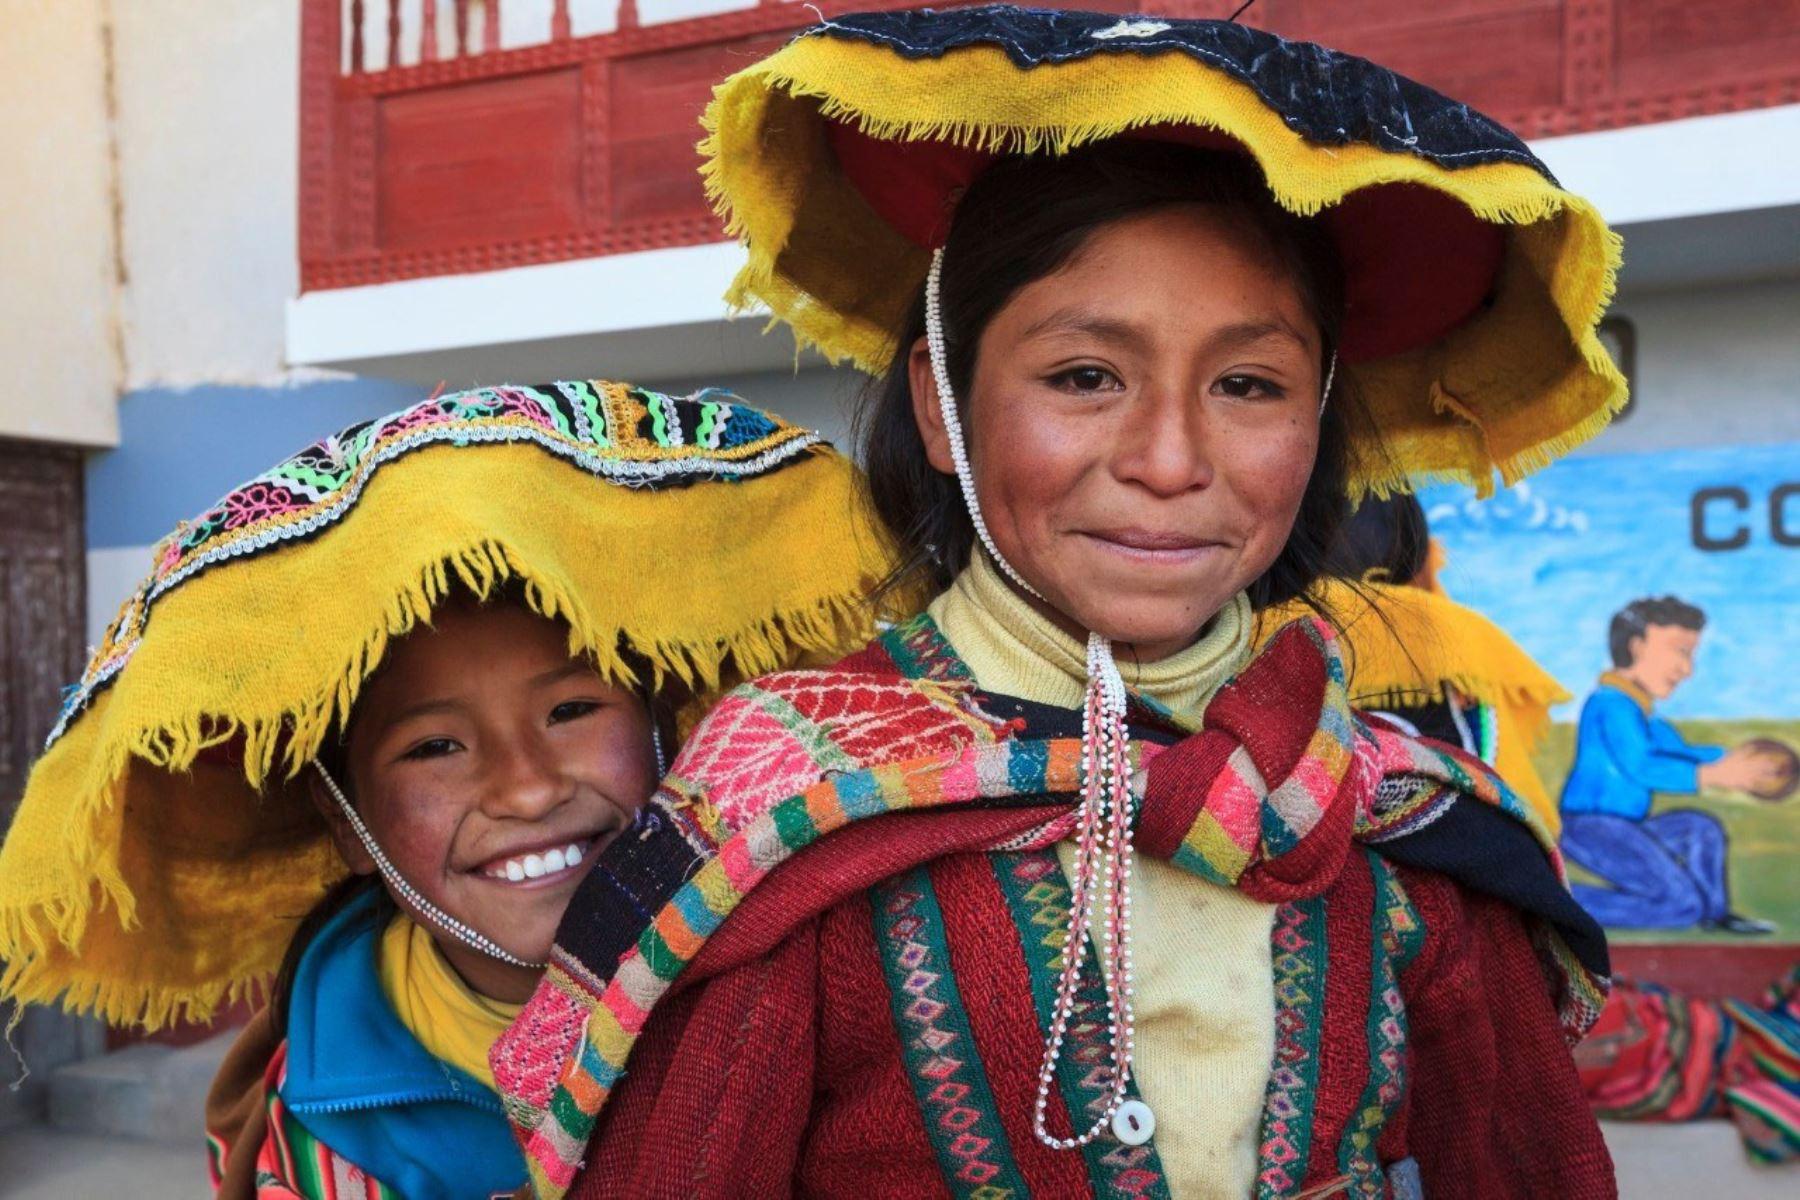 El Perú cuenta actualmente con 48 lenguas originarias, las cuales están agrupadas en 19 familias lingüísticas y constituyen medios de comunicación de 55 pueblos indígenas u originarios. ANDINA/Difusión